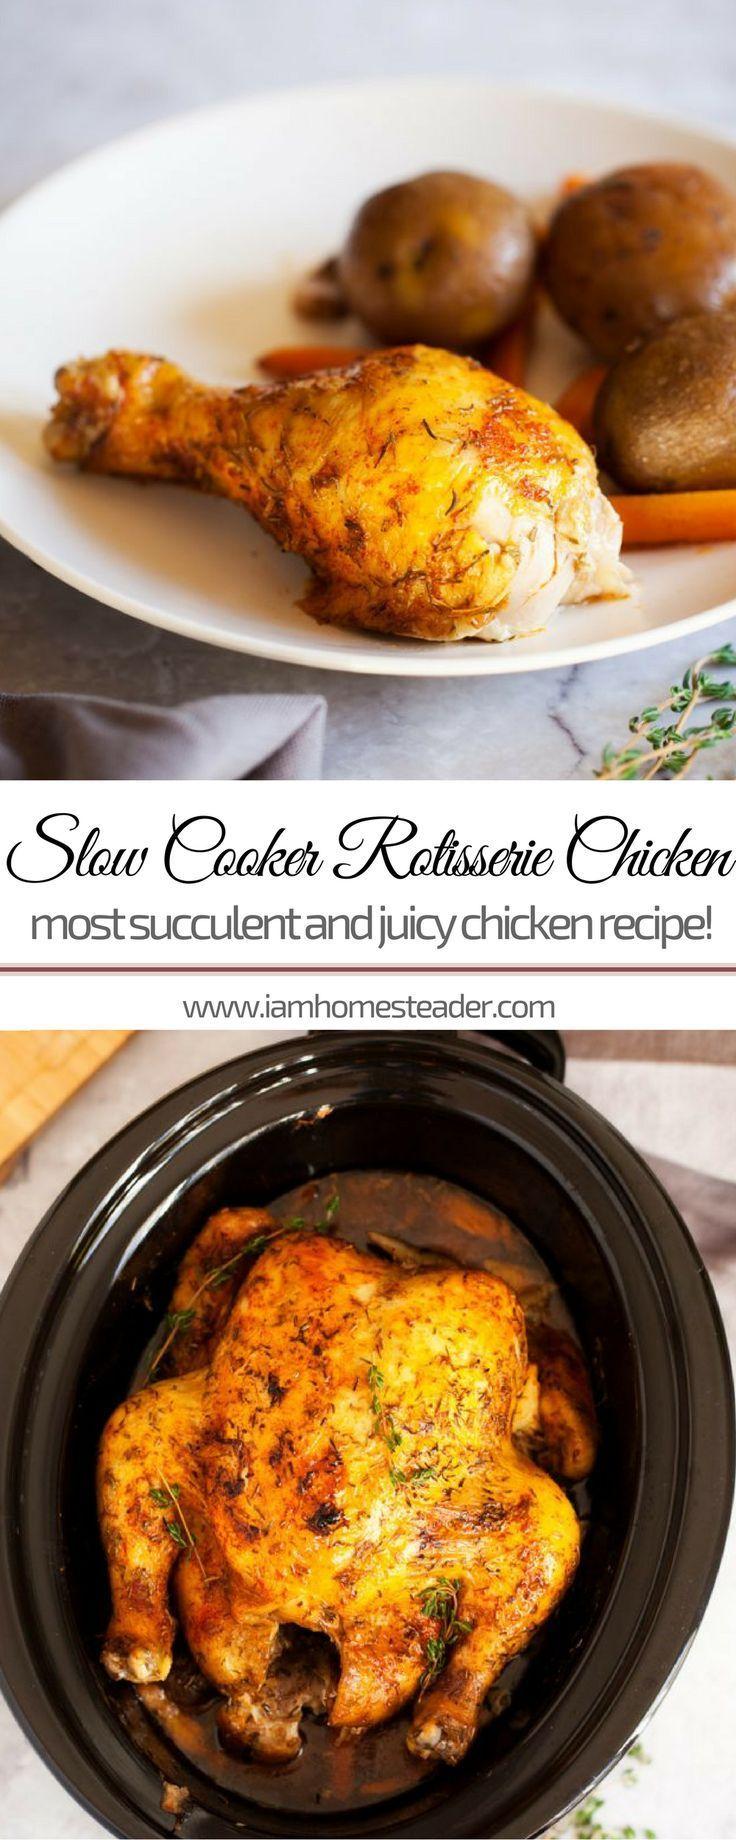 Slow Cooker Rotisserie Chicken Recipe Homesteading Recipes Rotisserie Chicken Slow Cooker